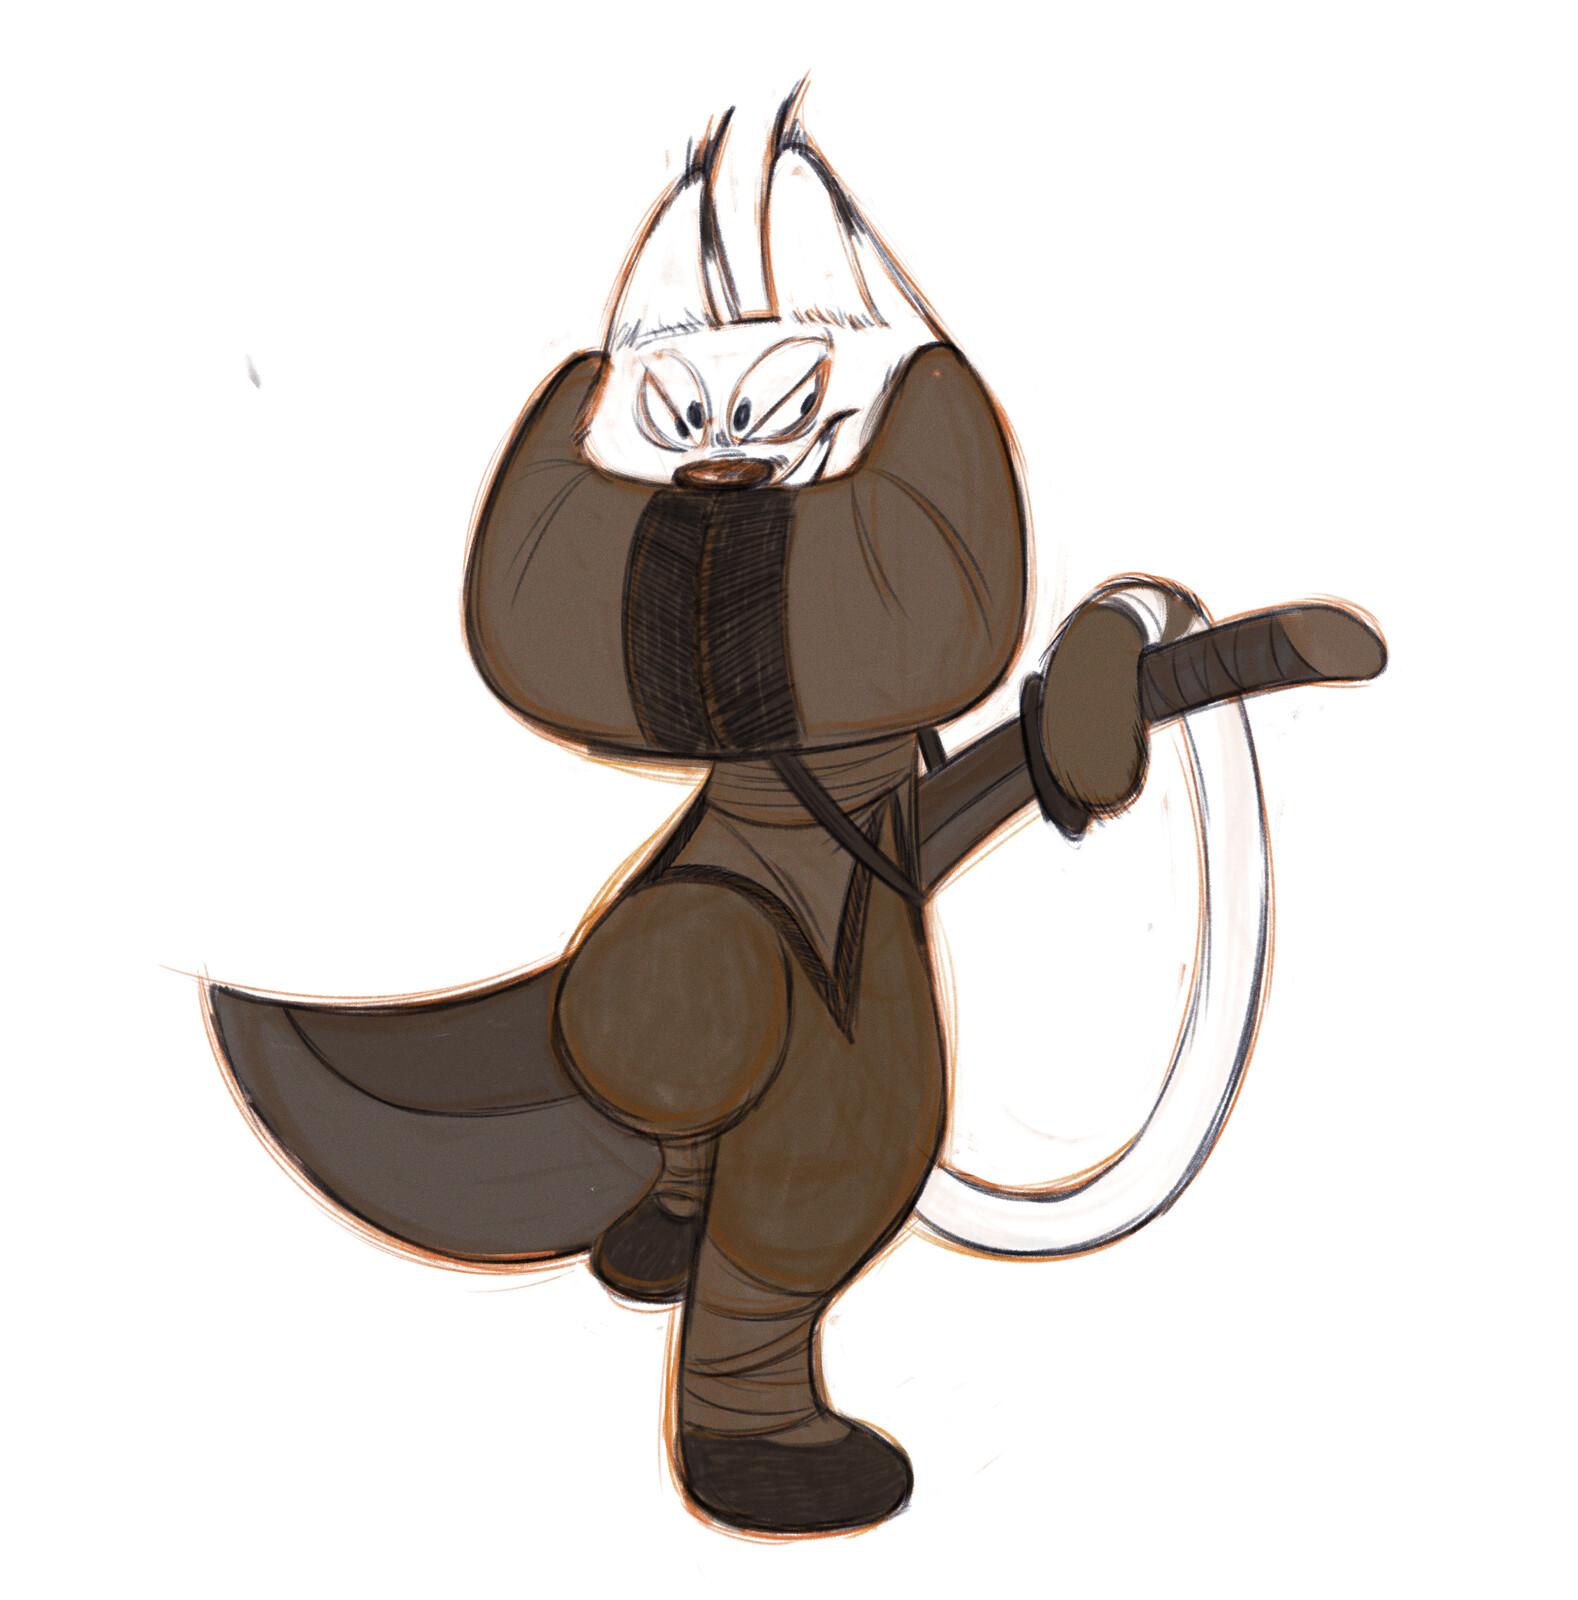 Kungfu Panda style study